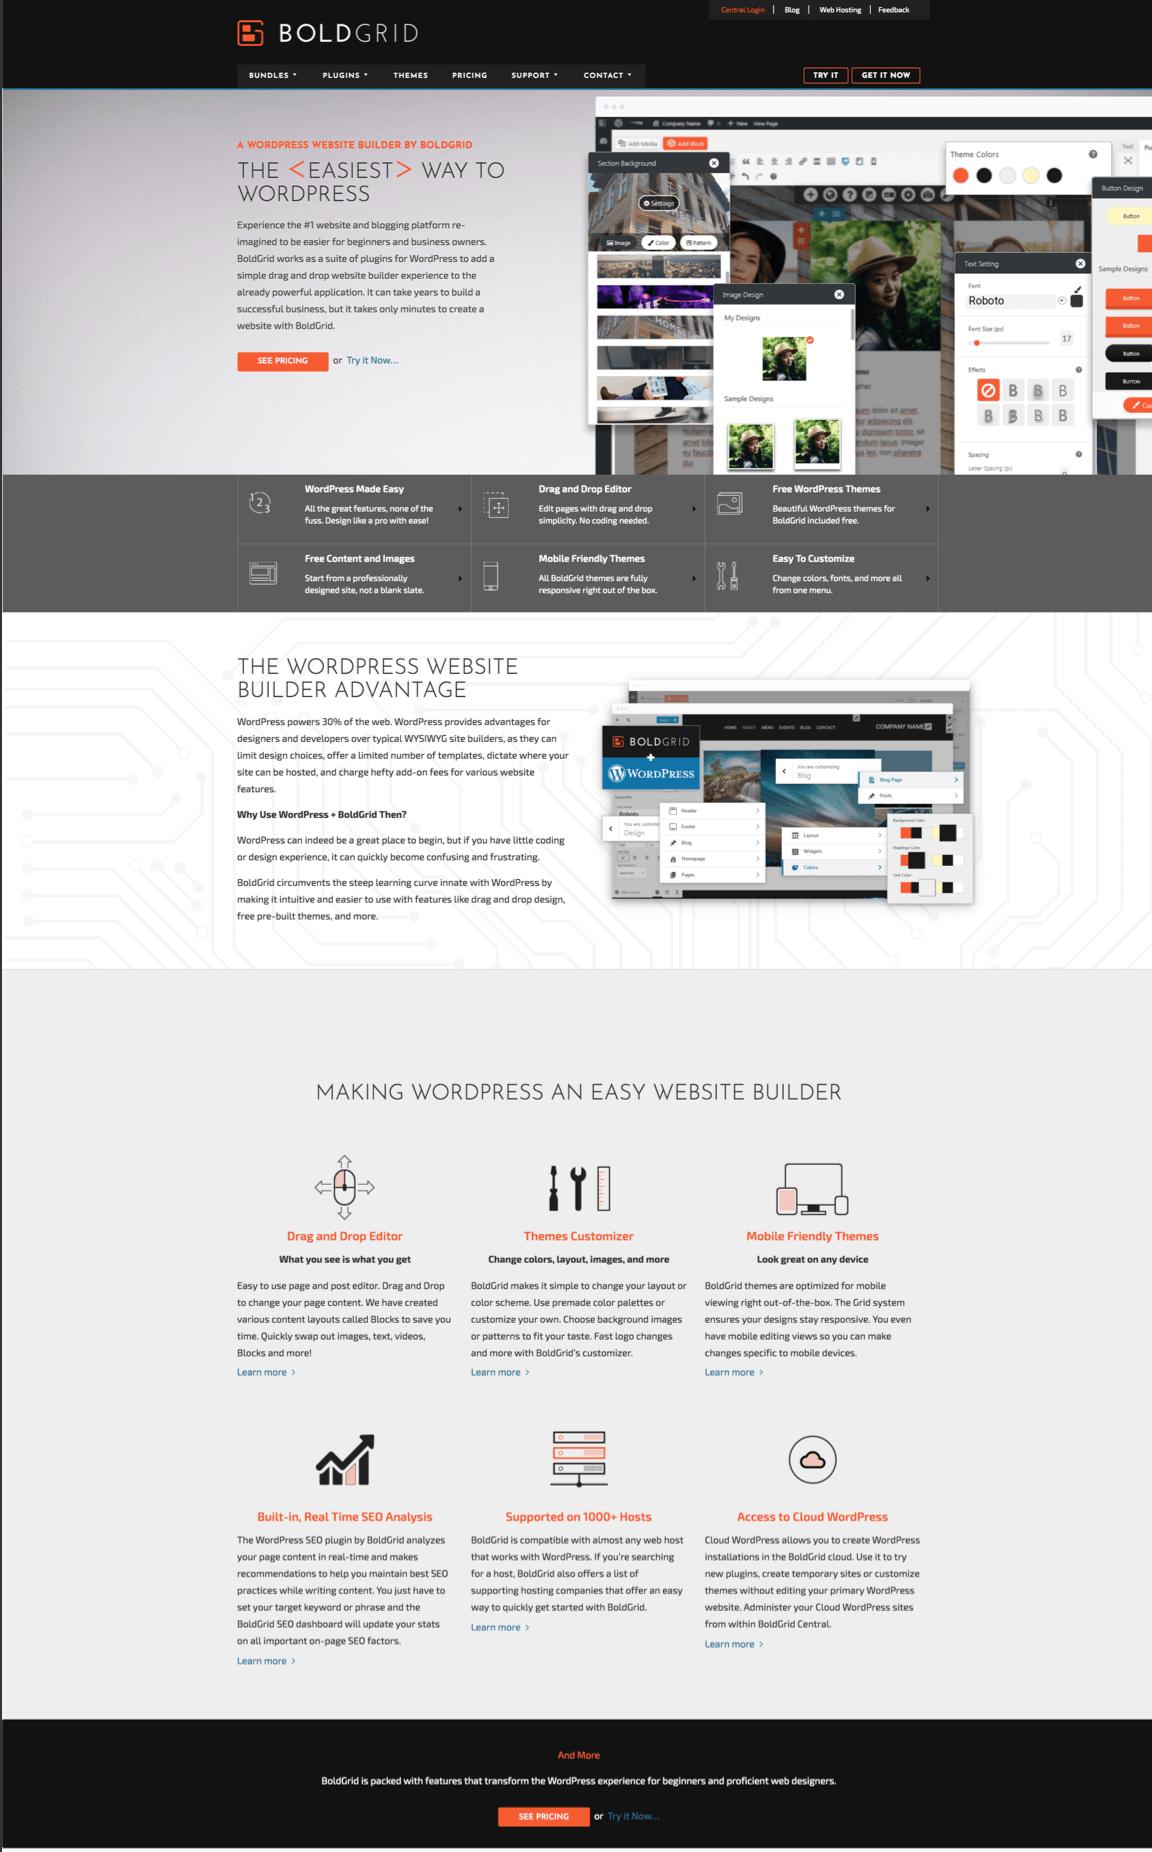 boldgrid homepage